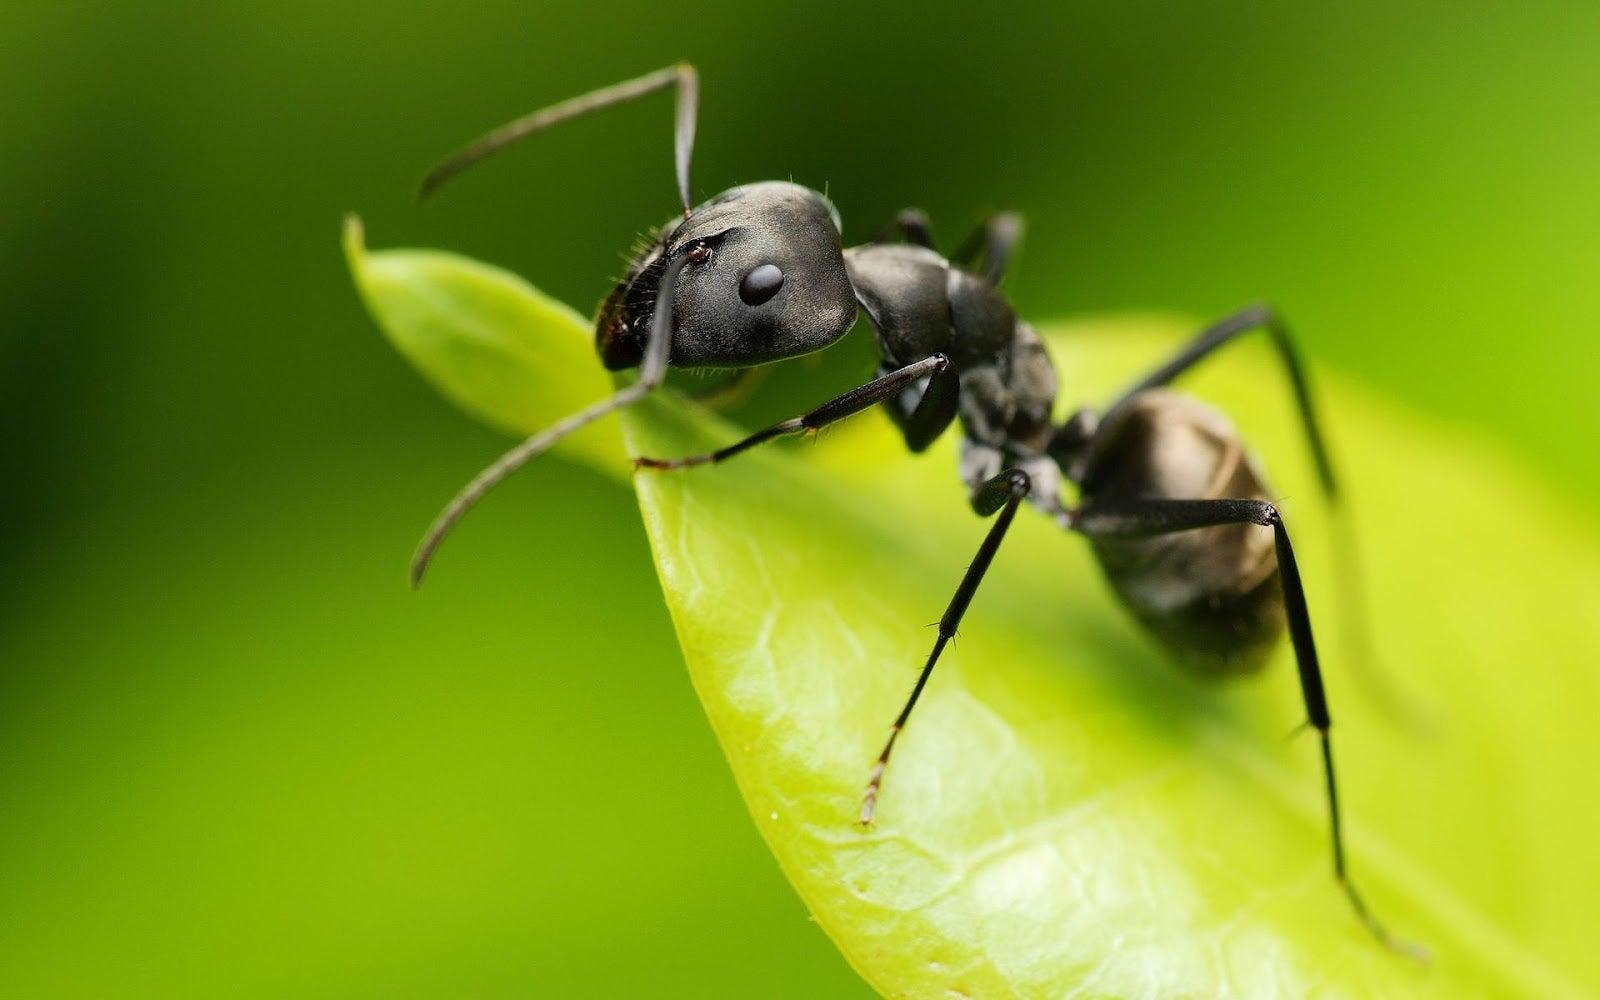 Picadura ocasionada por hormiga